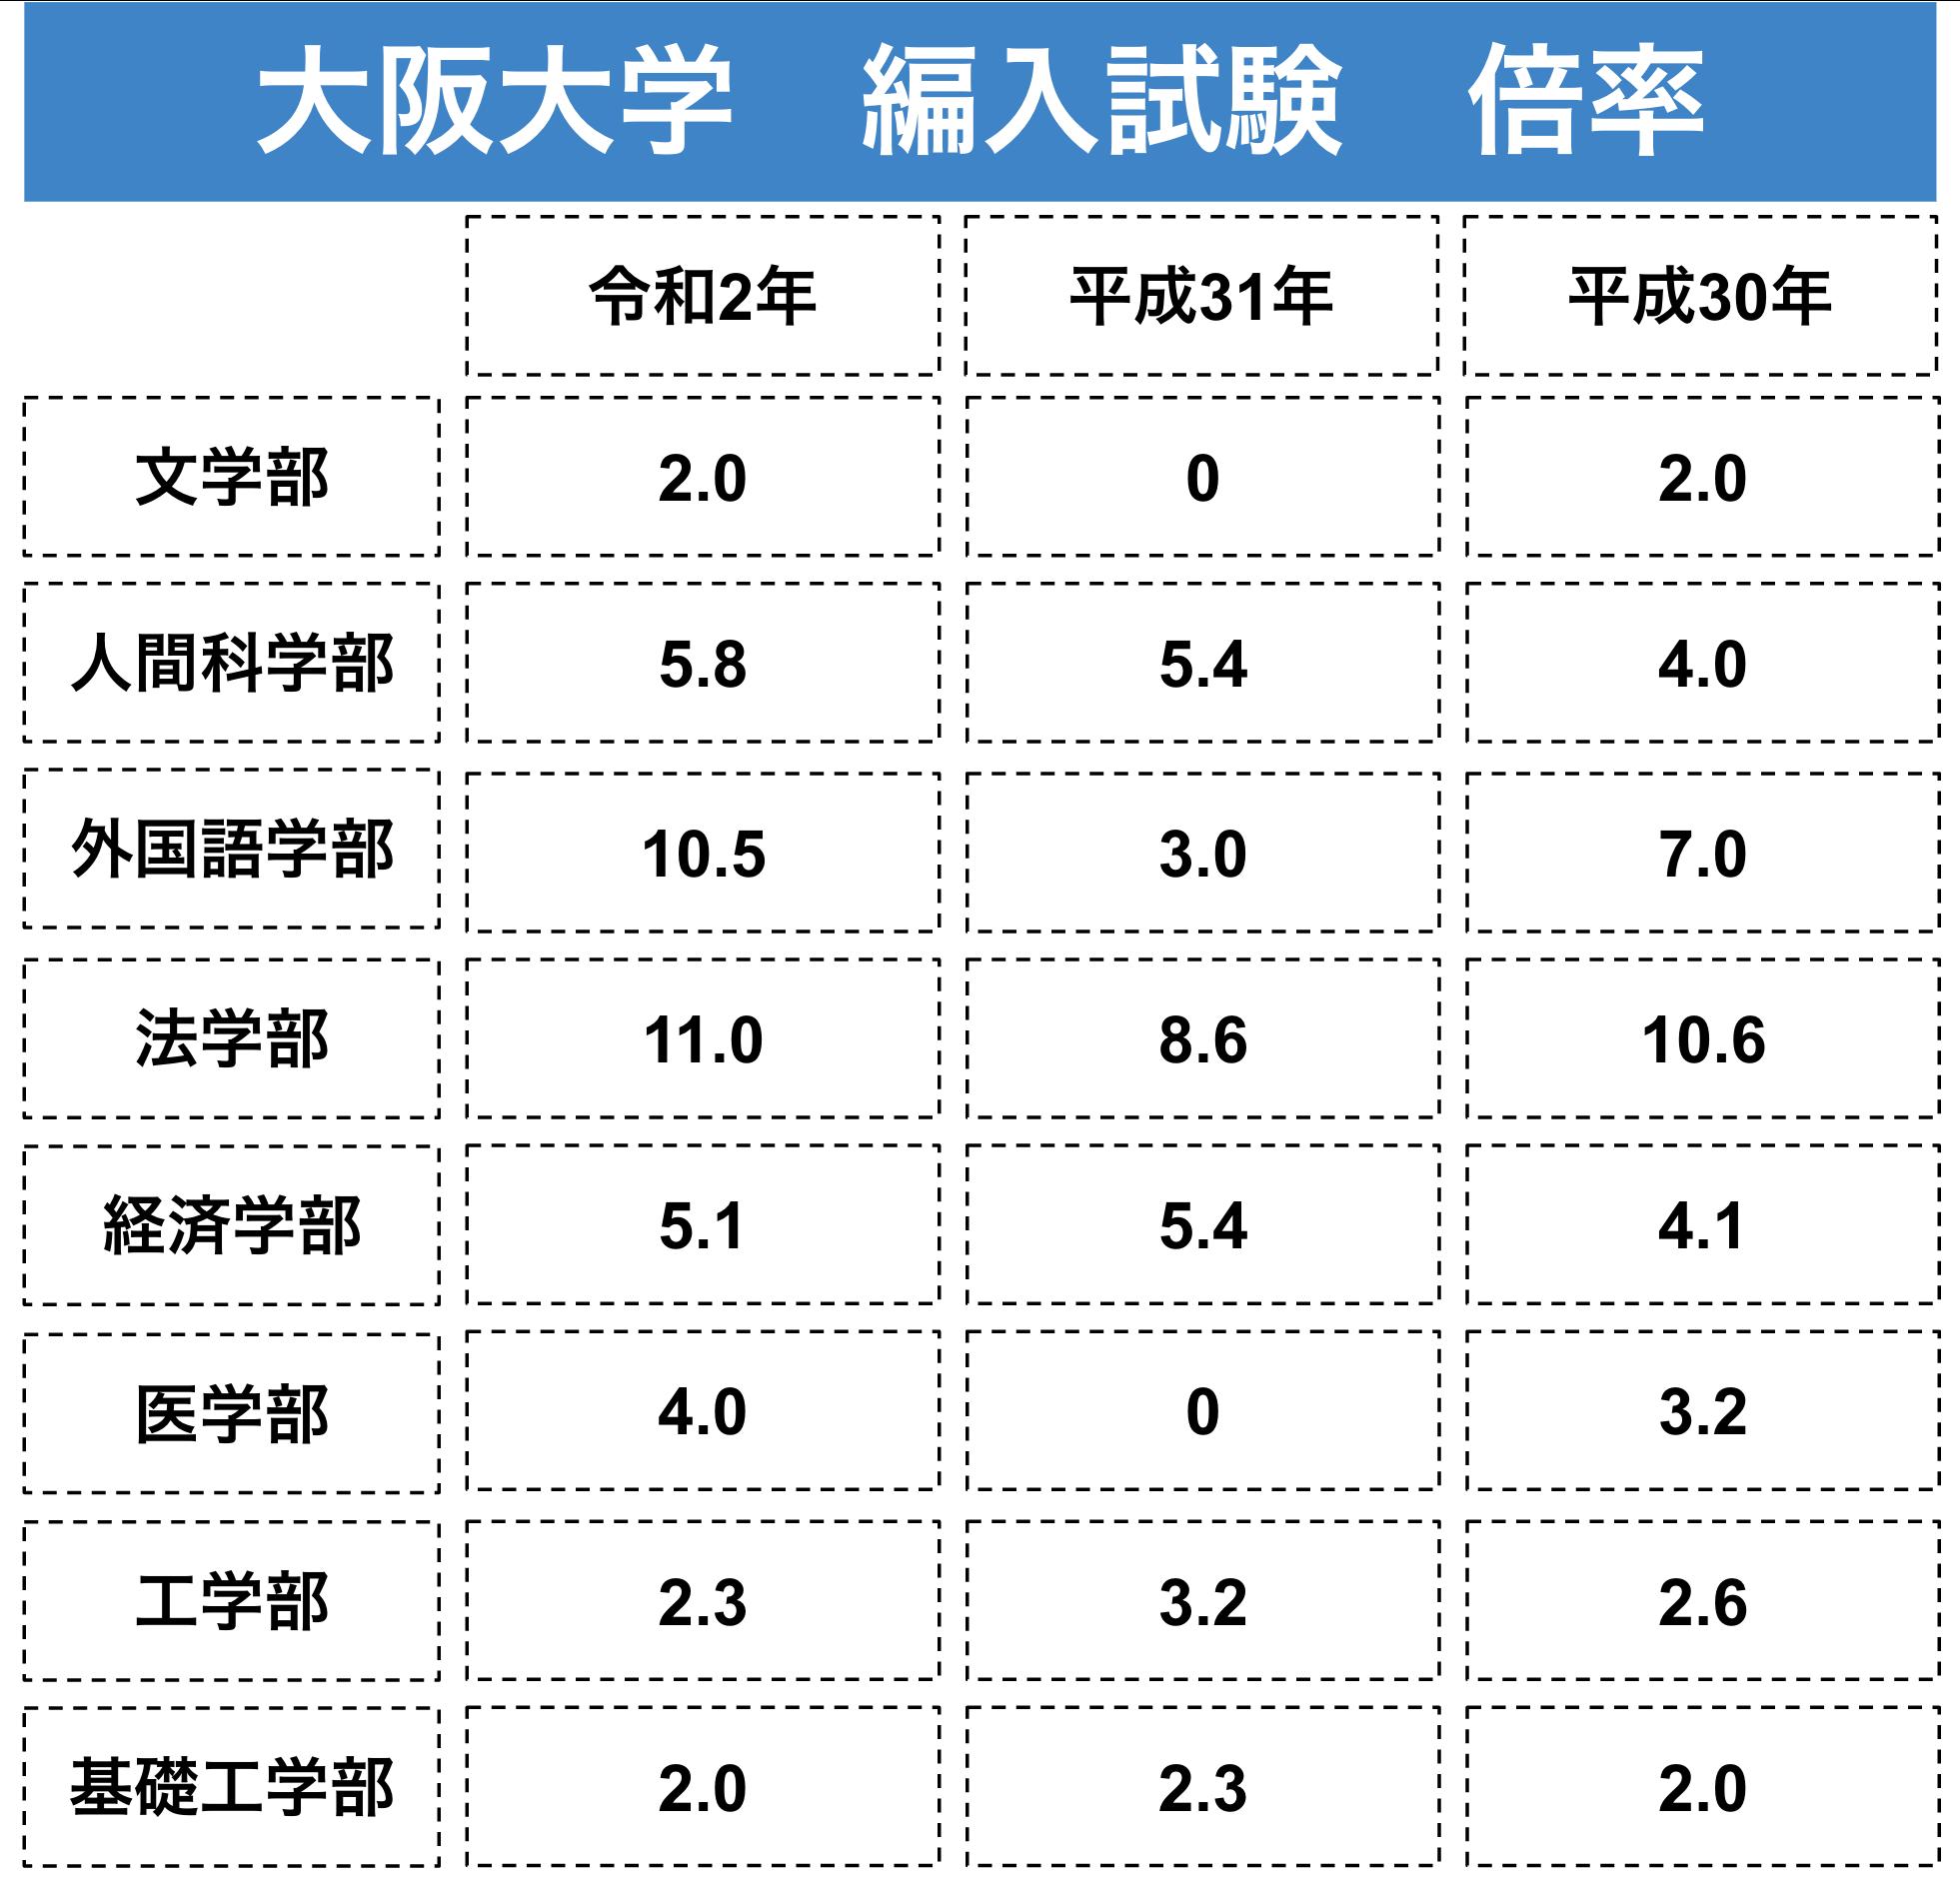 大阪大学の過去3年間の編入試験の倍率